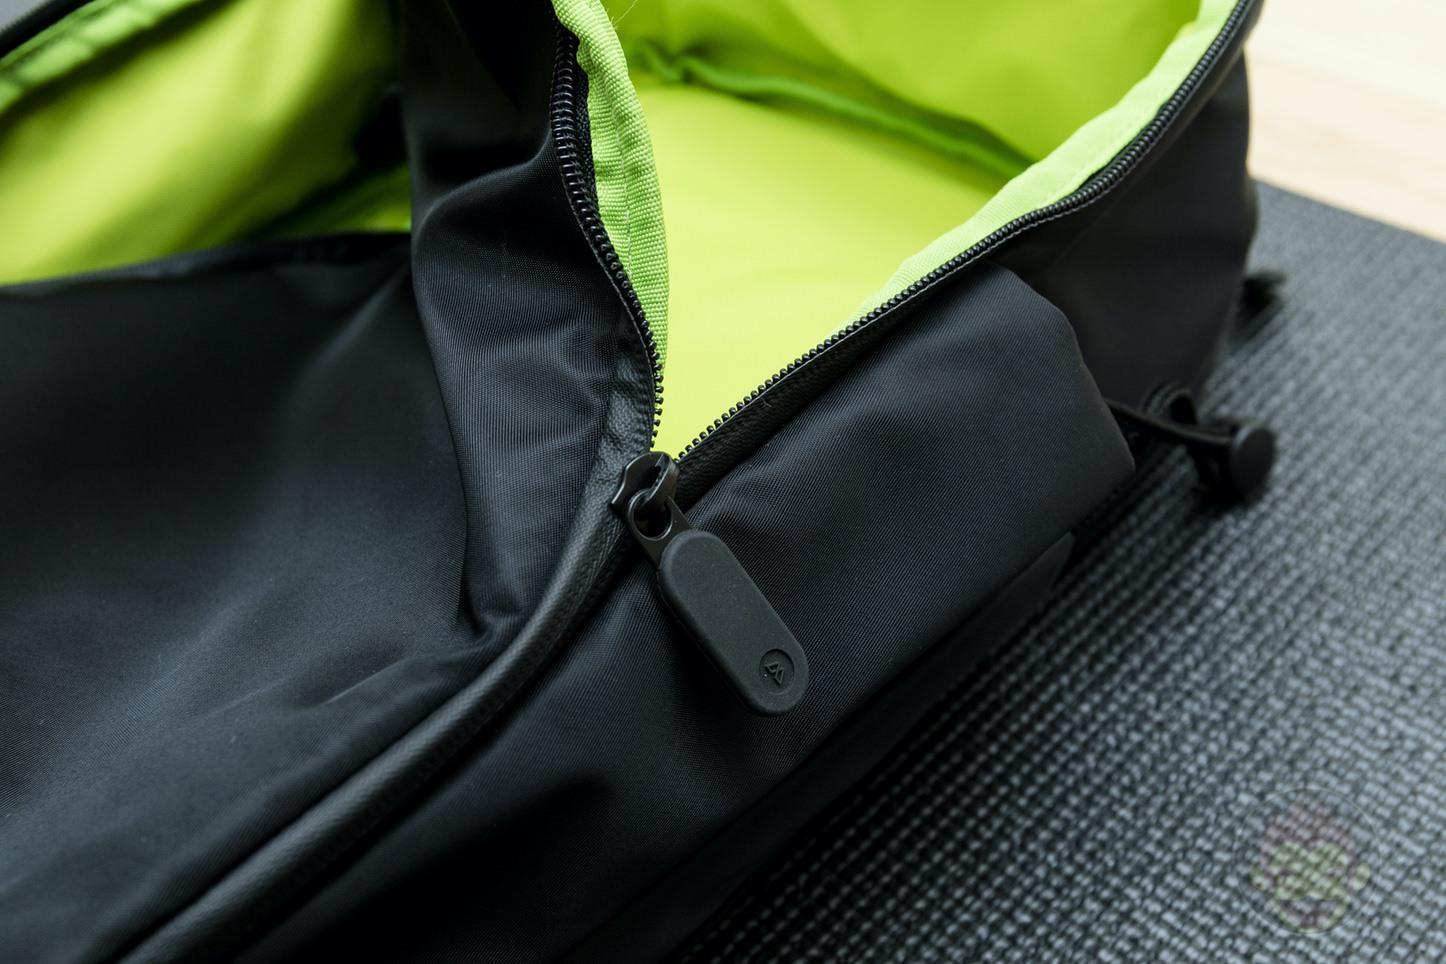 Quiver-Gym-Splashproof-Shoulder-Bag-07.jpg